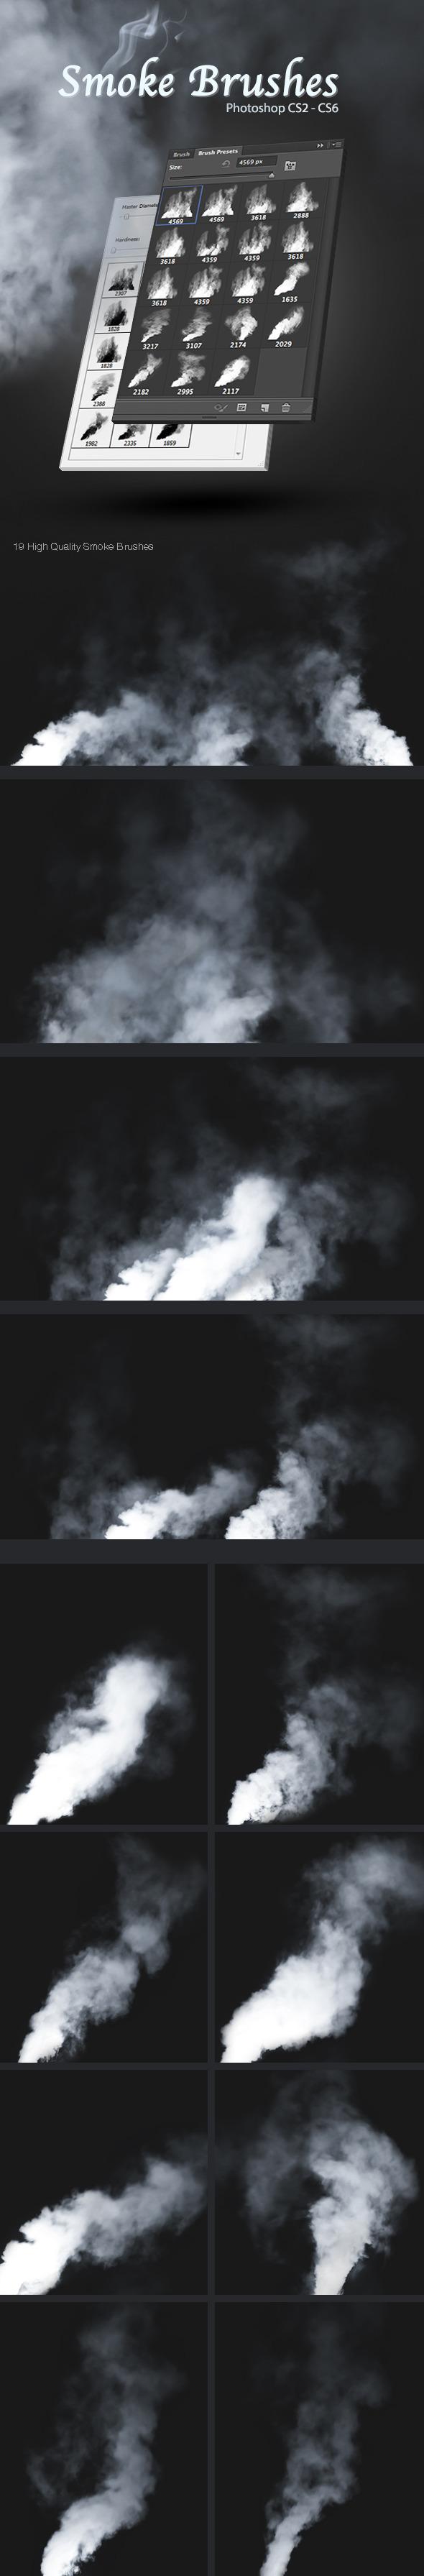 Smoke Brushes - Brushes Photoshop